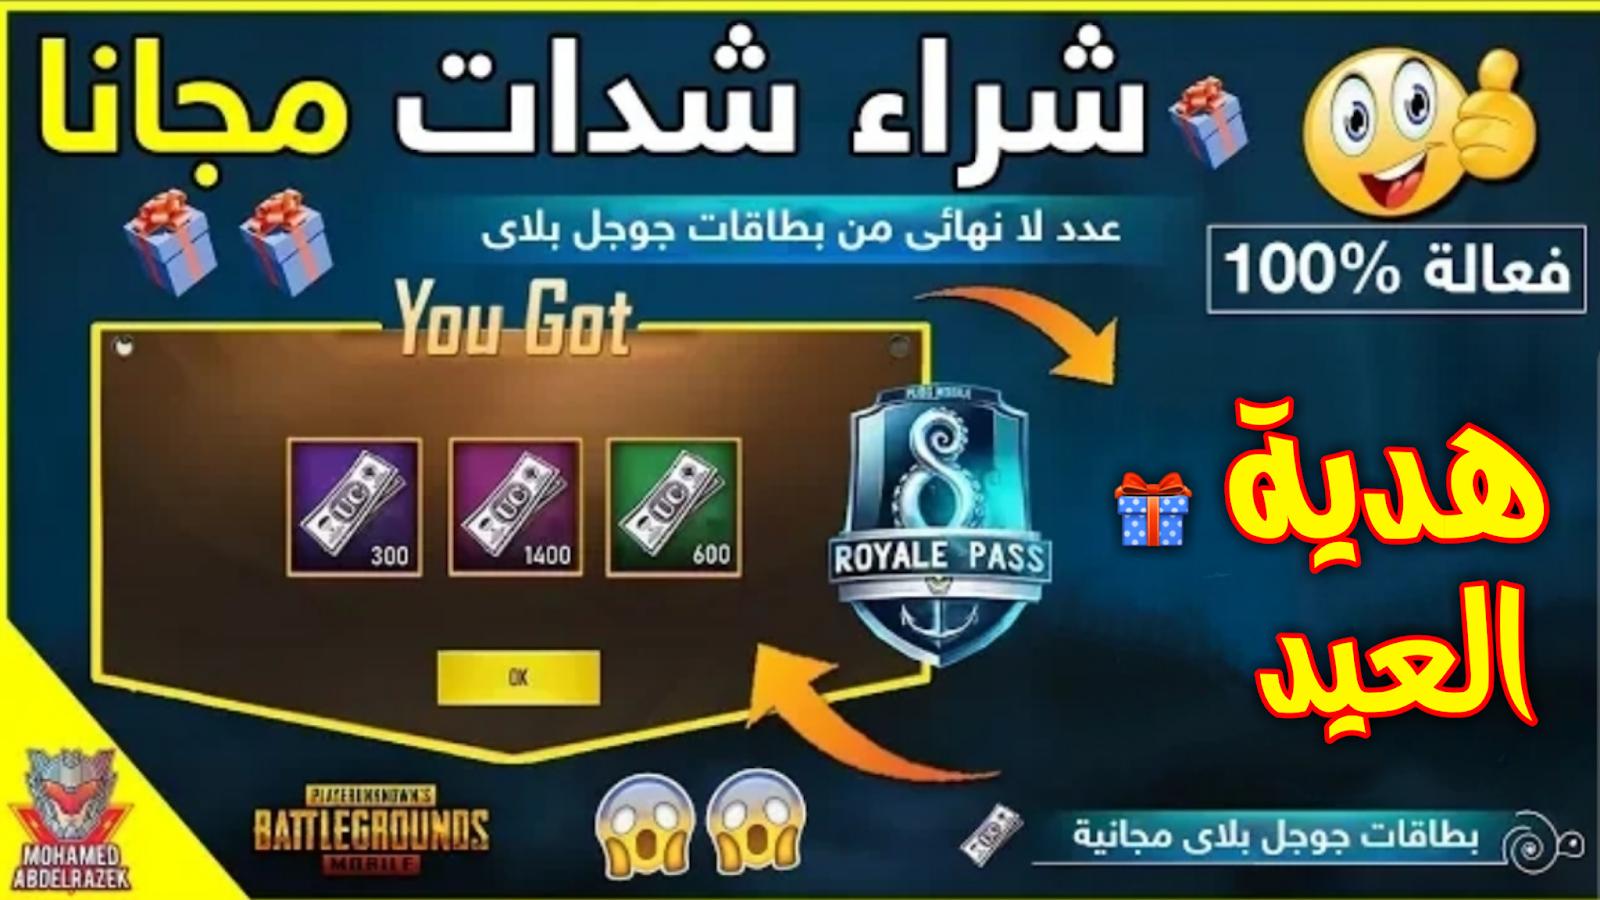 ببجي سيفر العرب هو